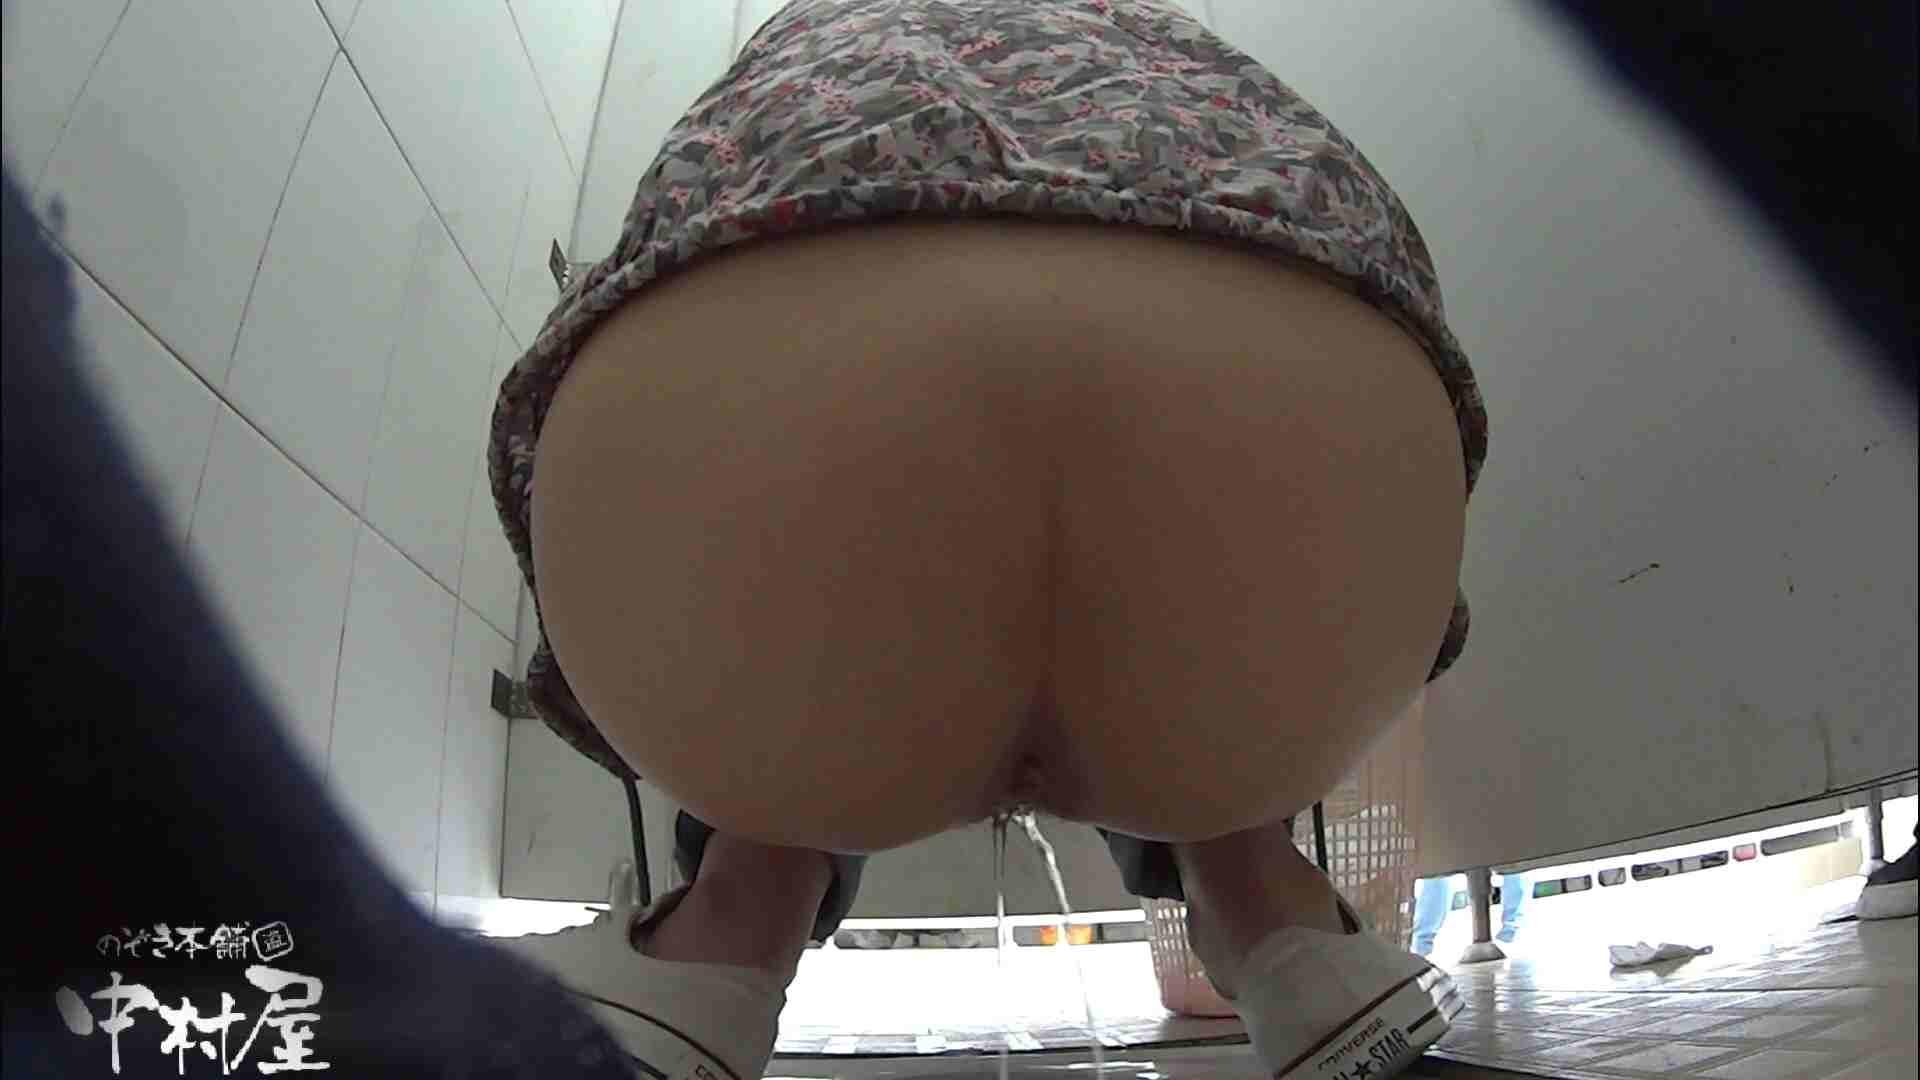 名大学休憩時間の洗面所事情01 お姉さん丸裸 ワレメ動画紹介 95pic 47